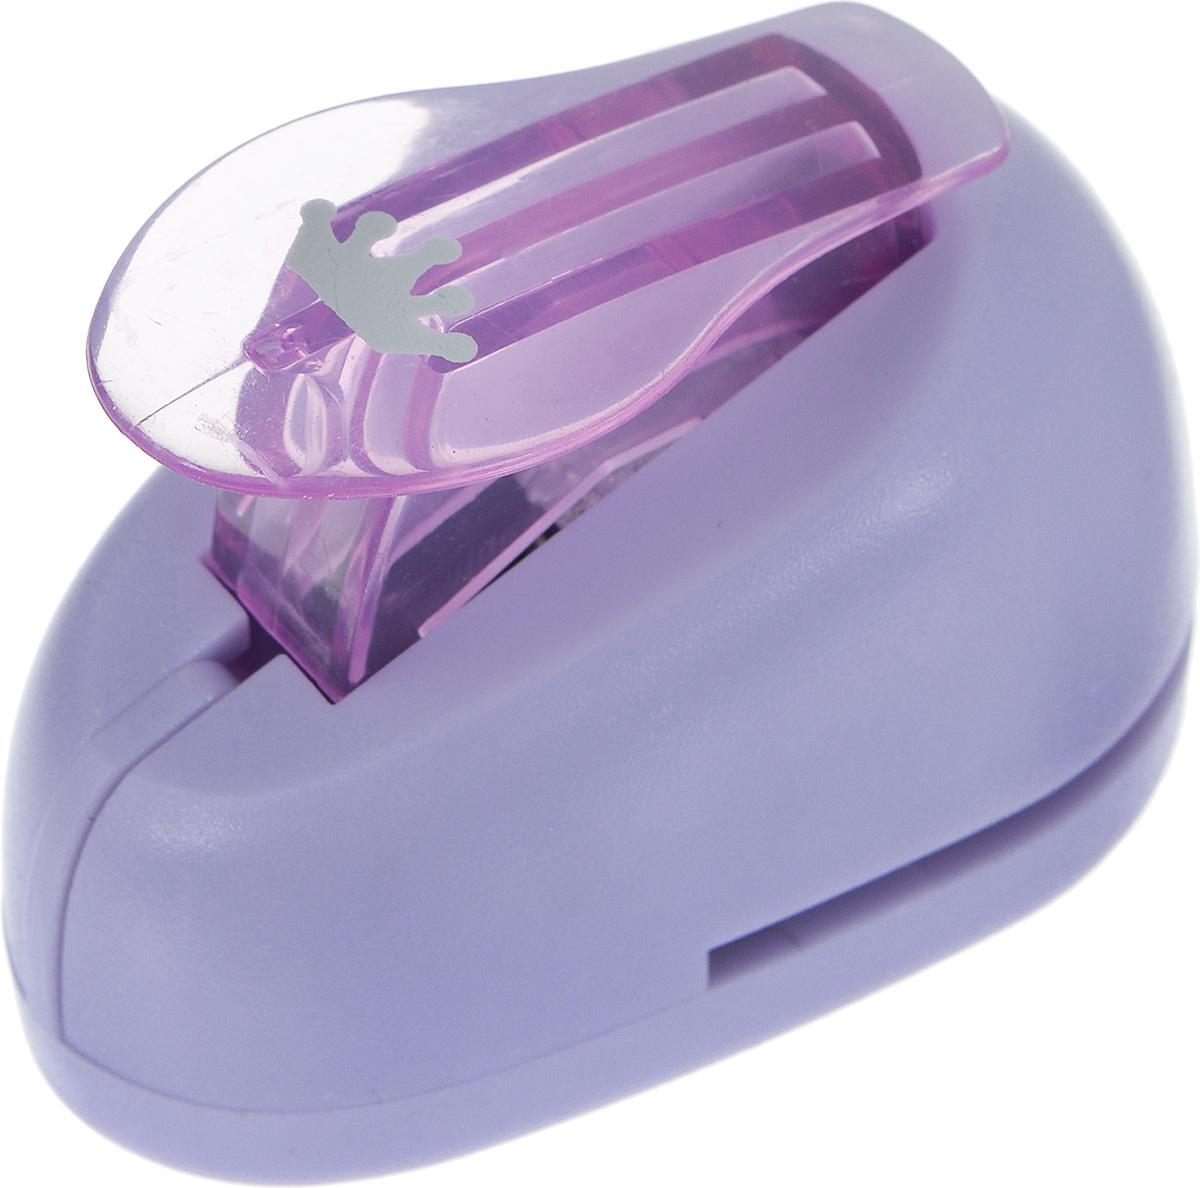 Дырокол фигурный Hobbyboom Корона, №241, цвет: фиолетовый, 1 смCD-99XS-241_фиолетовыйДырокол фигурный Hobbyboom Корона, выполненный из прочного пластика и металла, используется в скрапбукинге для украшения открыток, карточек, коробочек и прочего. Применяется для прорезания фигурных отверстий в бумаге. Вырезанный элемент также можно использовать для украшения. Предназначен для бумаги плотностью от 80 до 200 г/м2. При применении на бумаге большей плотности или на картоне, дырокол быстро затупится. Чтобы заточить нож компостера, нужно прокомпостировать самую тонкую наждачку. Размер готовой фигурки: 1 см х 0,6 см.